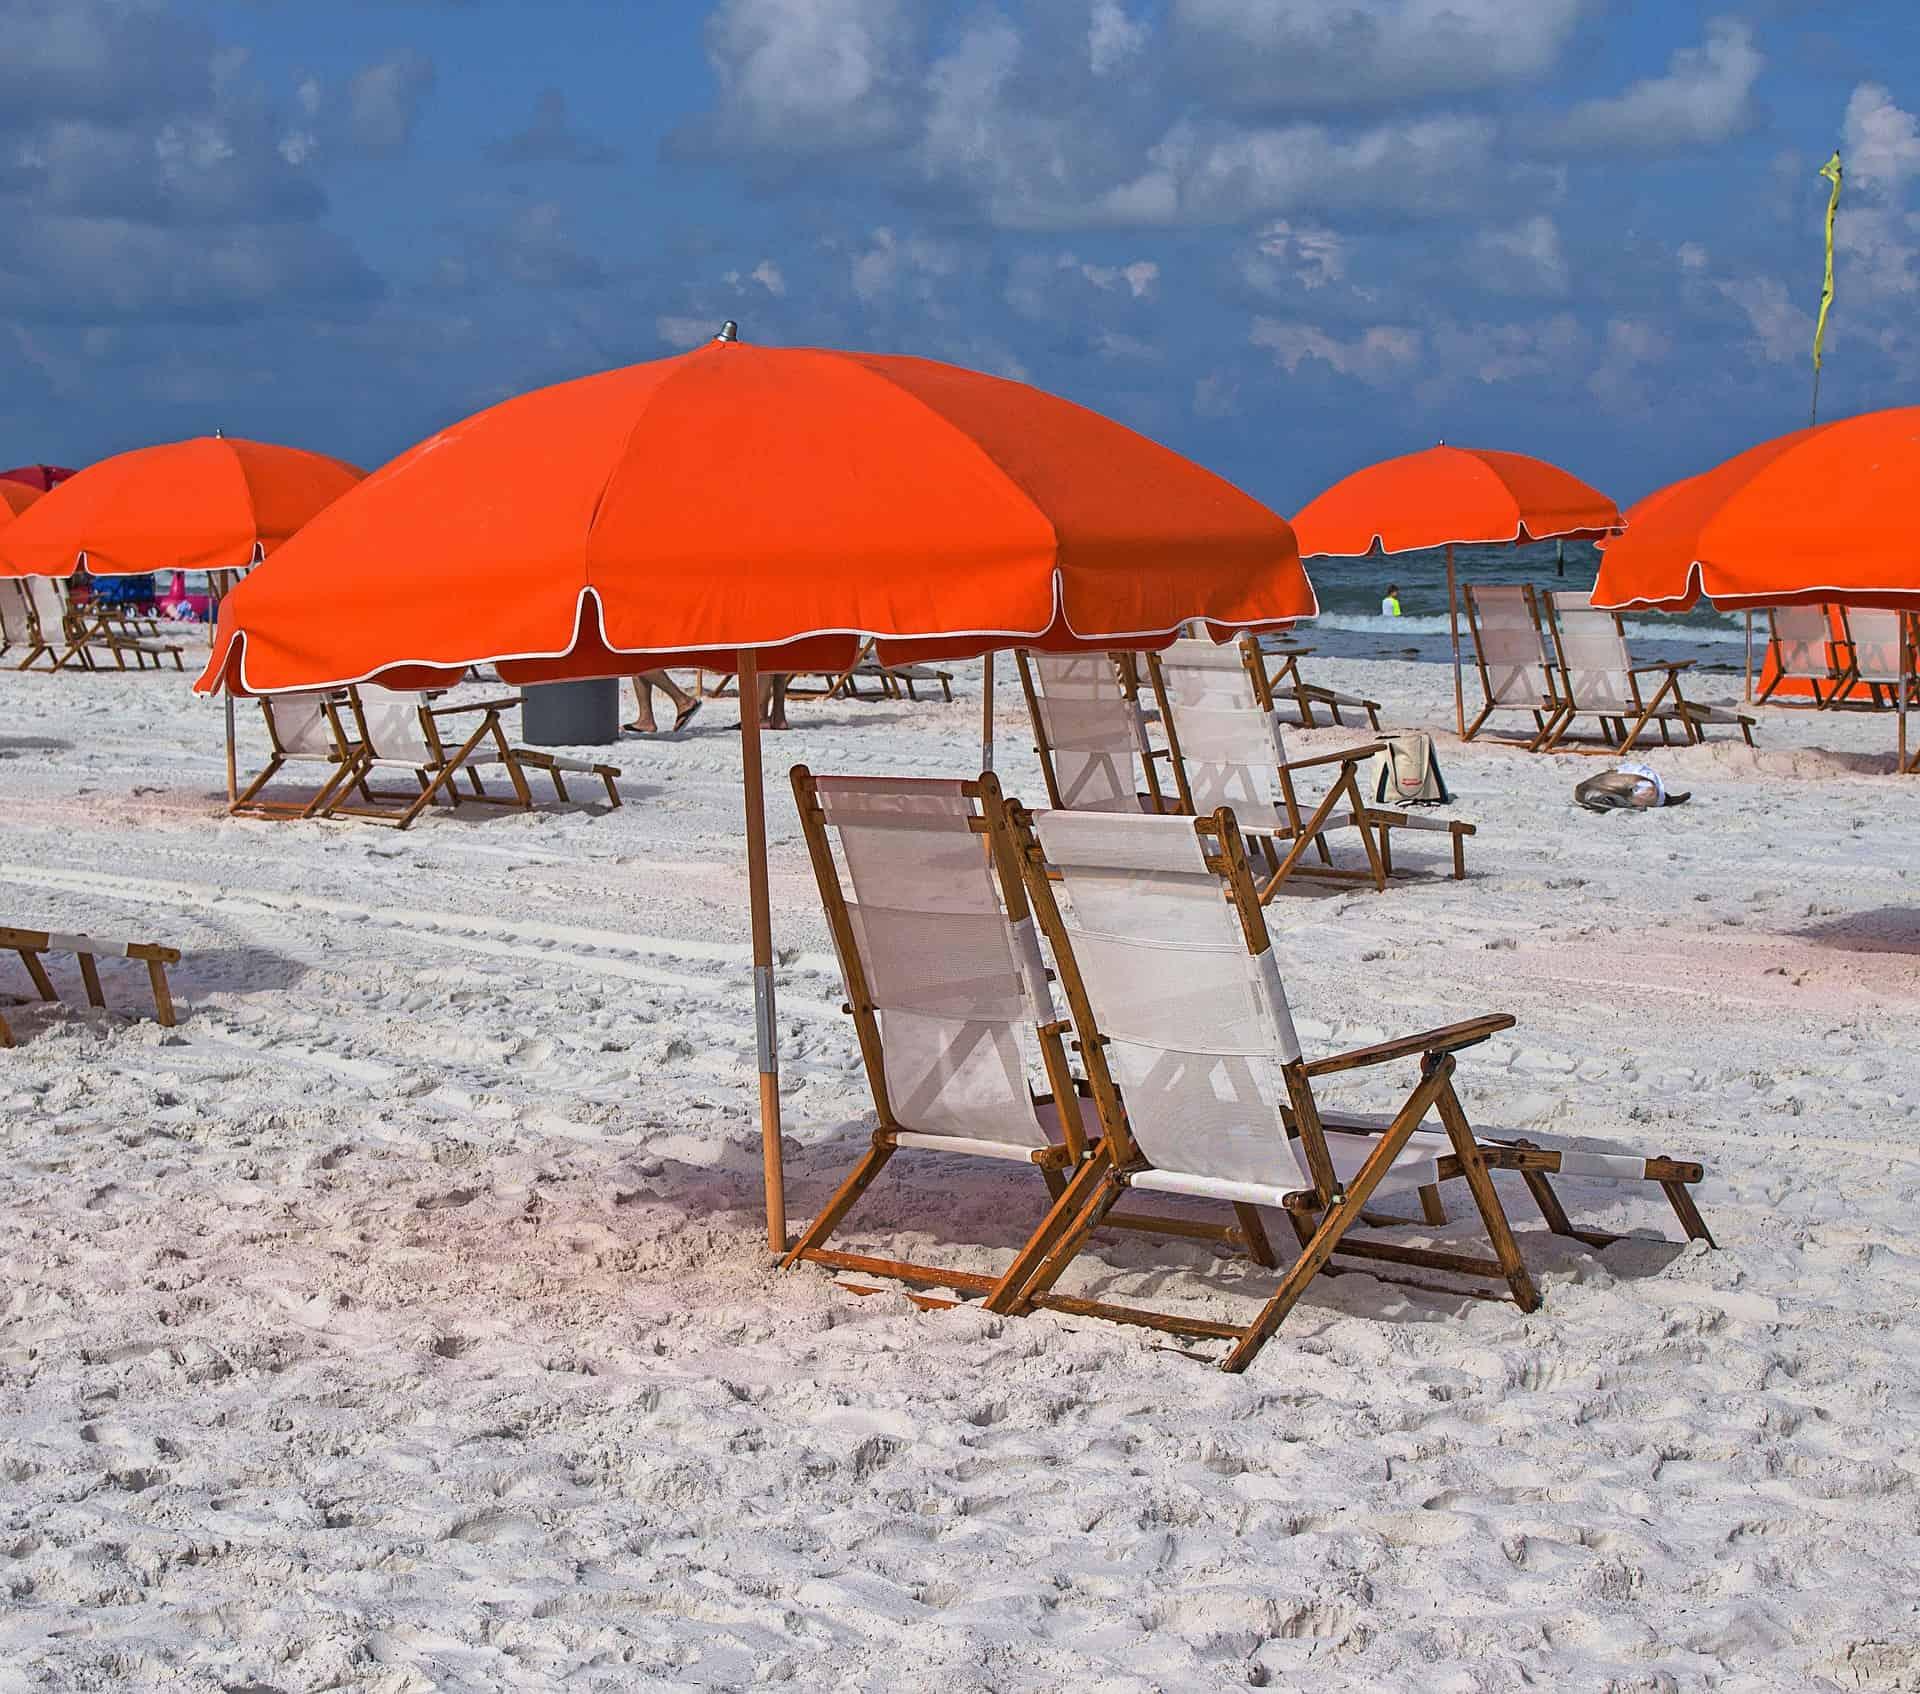 Imagem mostra um guarda-sol laranja com duas cadeiras de praia na areia